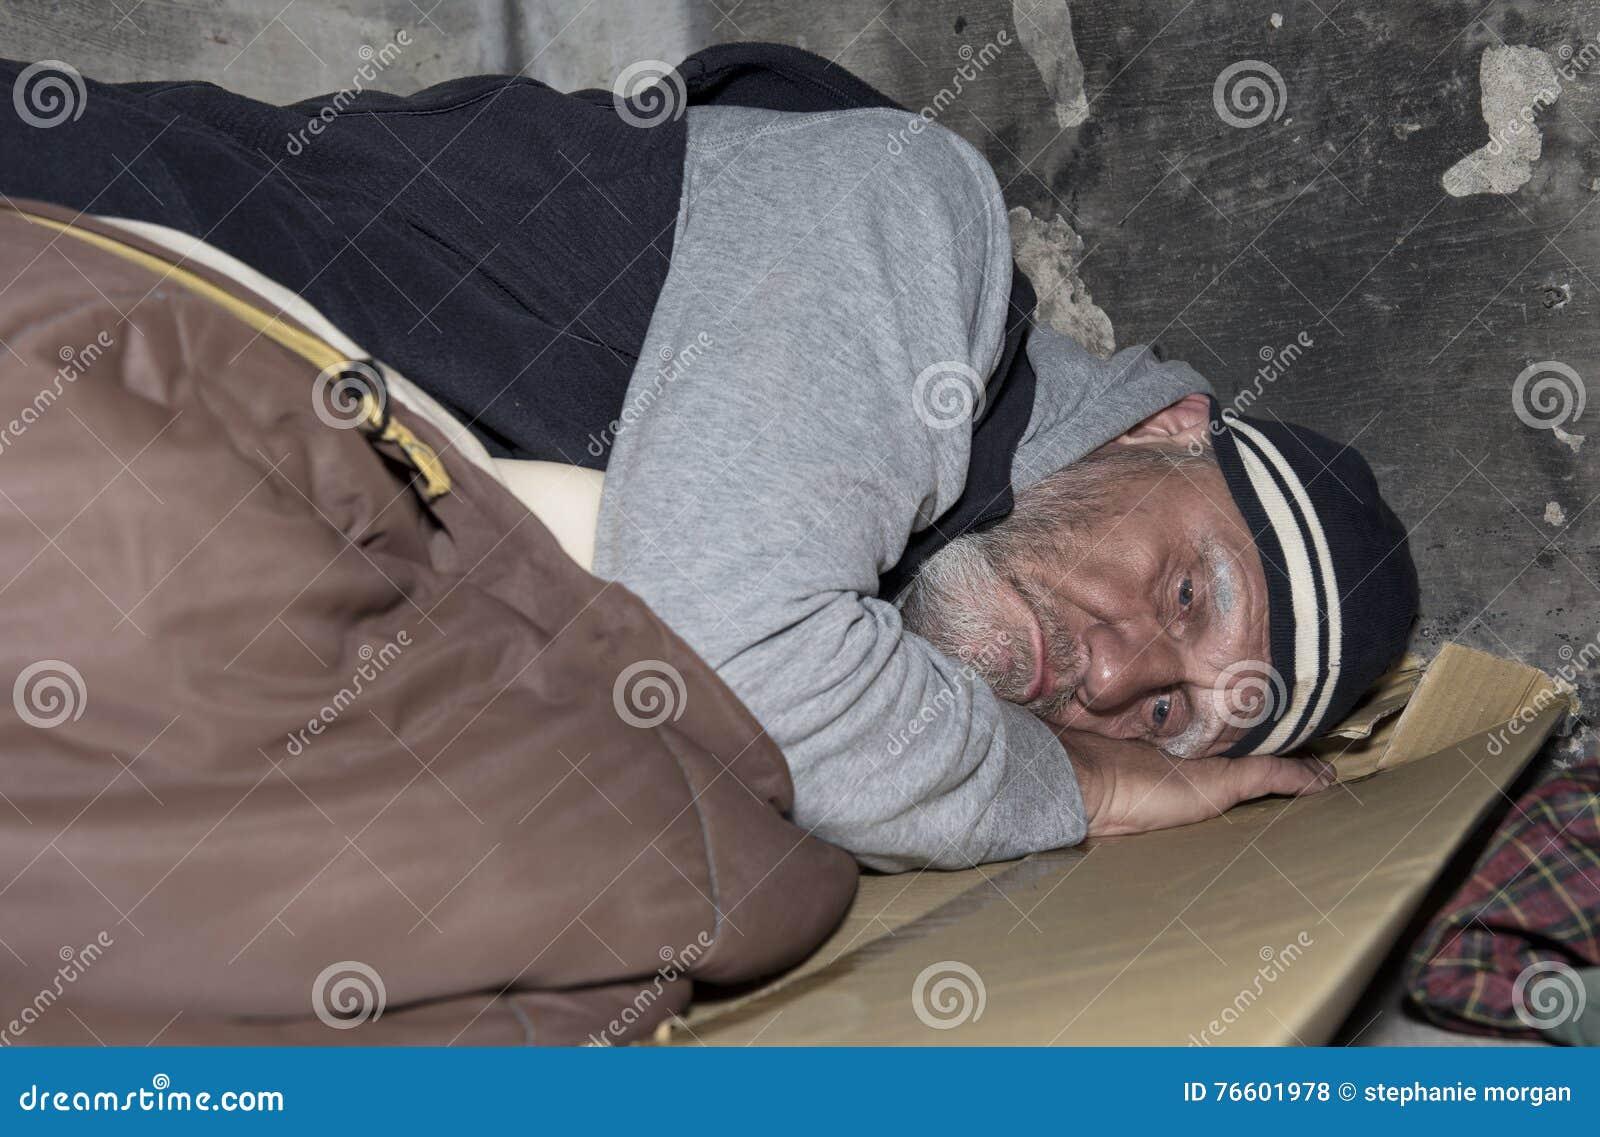 Homme sans abri dormant sur le carton et un vieux sac de couchage o